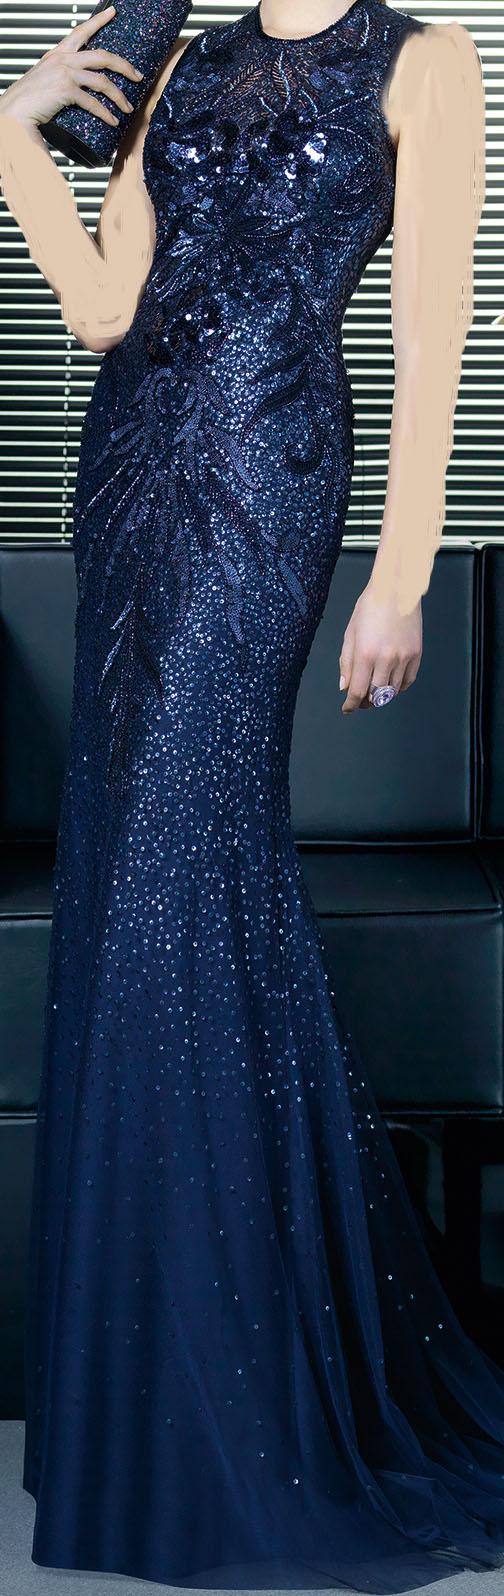 جدیدترین مدل لباس مجلسی زنانه و دخترانه بسیار شیک سال 2016 تصاویر